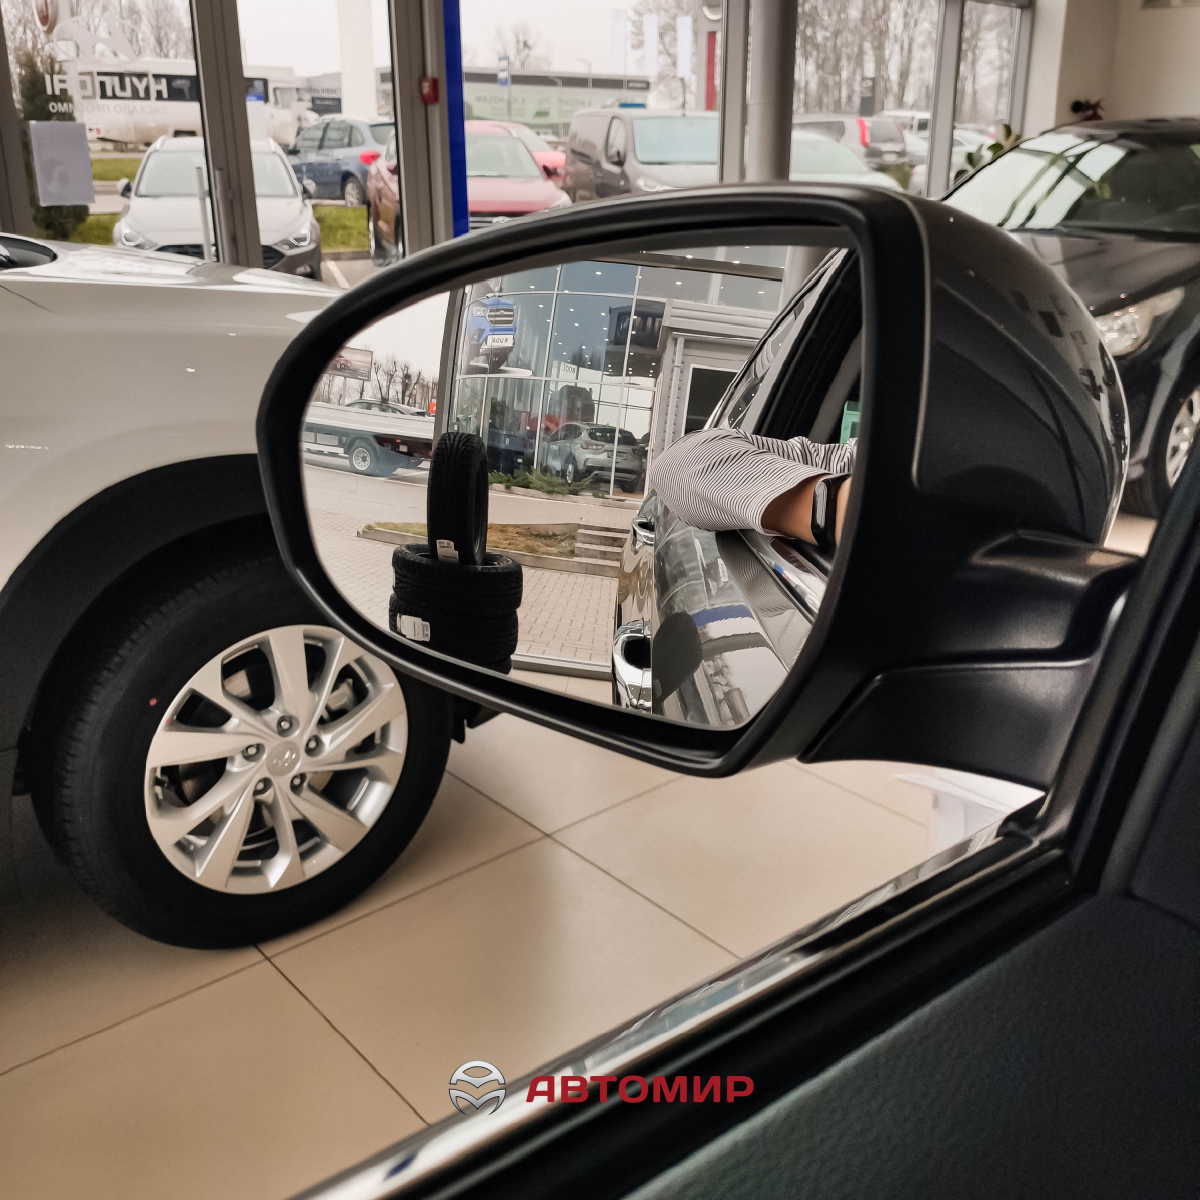 Теплі функції автомобілів Hyundai | Хюндай Мотор Поділля - фото 8